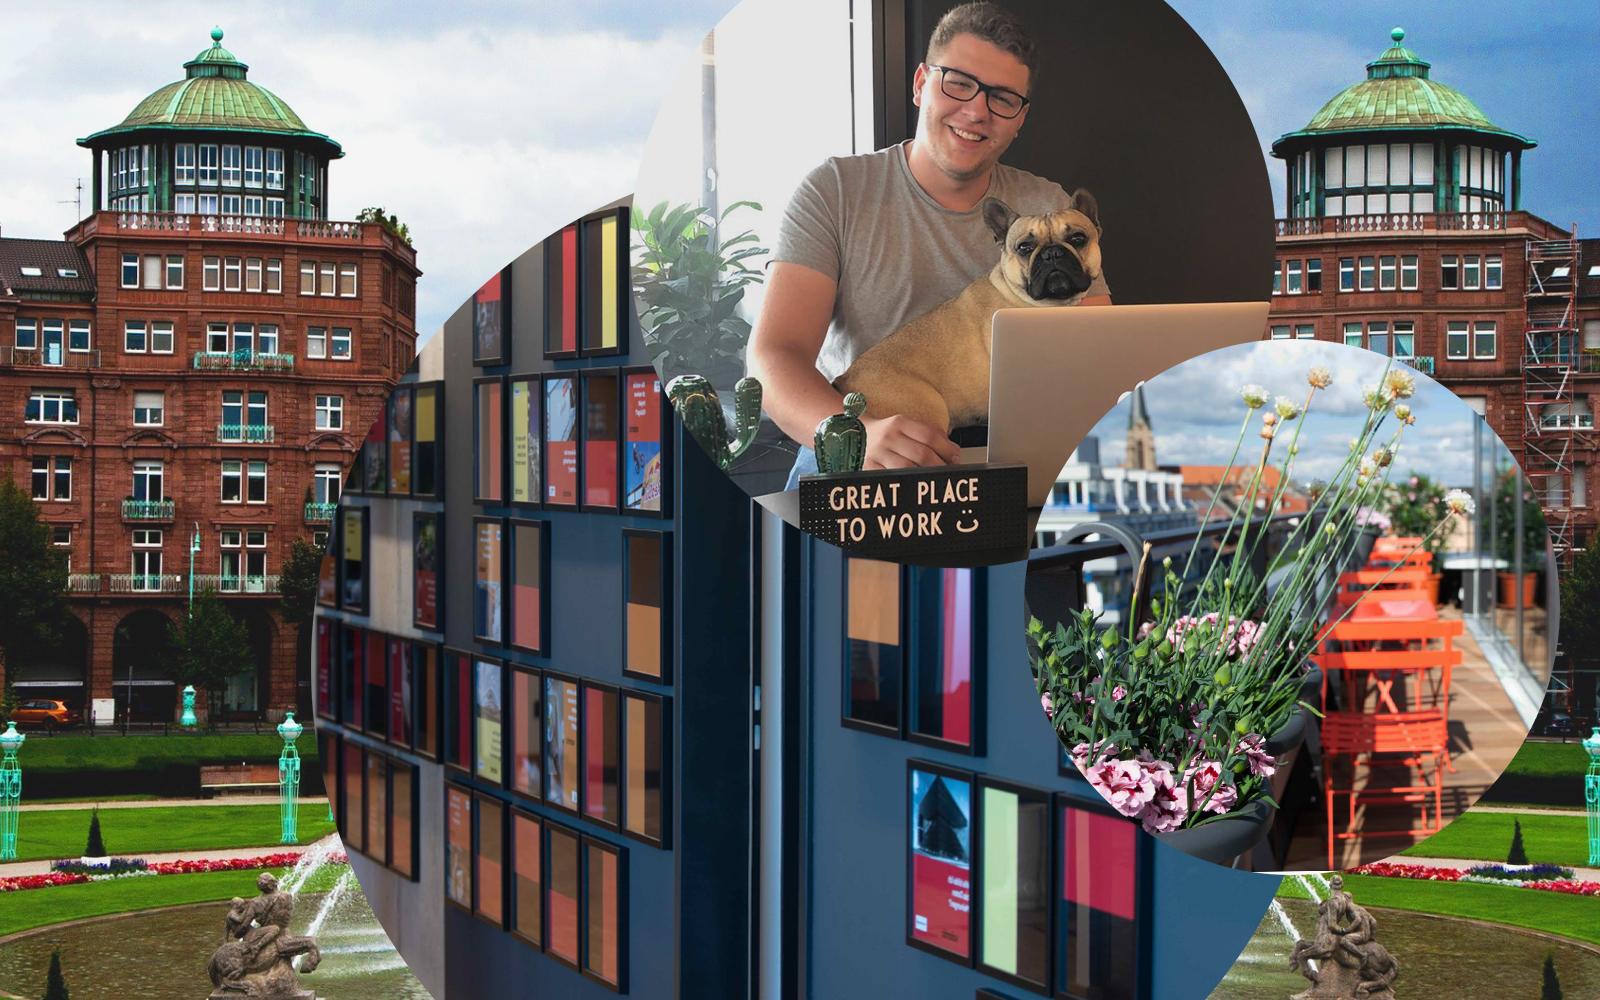 Bild von Erik Töpfer, Auszubildender IT Systemintegration bei valantic Customer Engagement and Commerce, im Hintergrund die Stadt Mannheim sowie Bilder der Büroräume in Mannheim